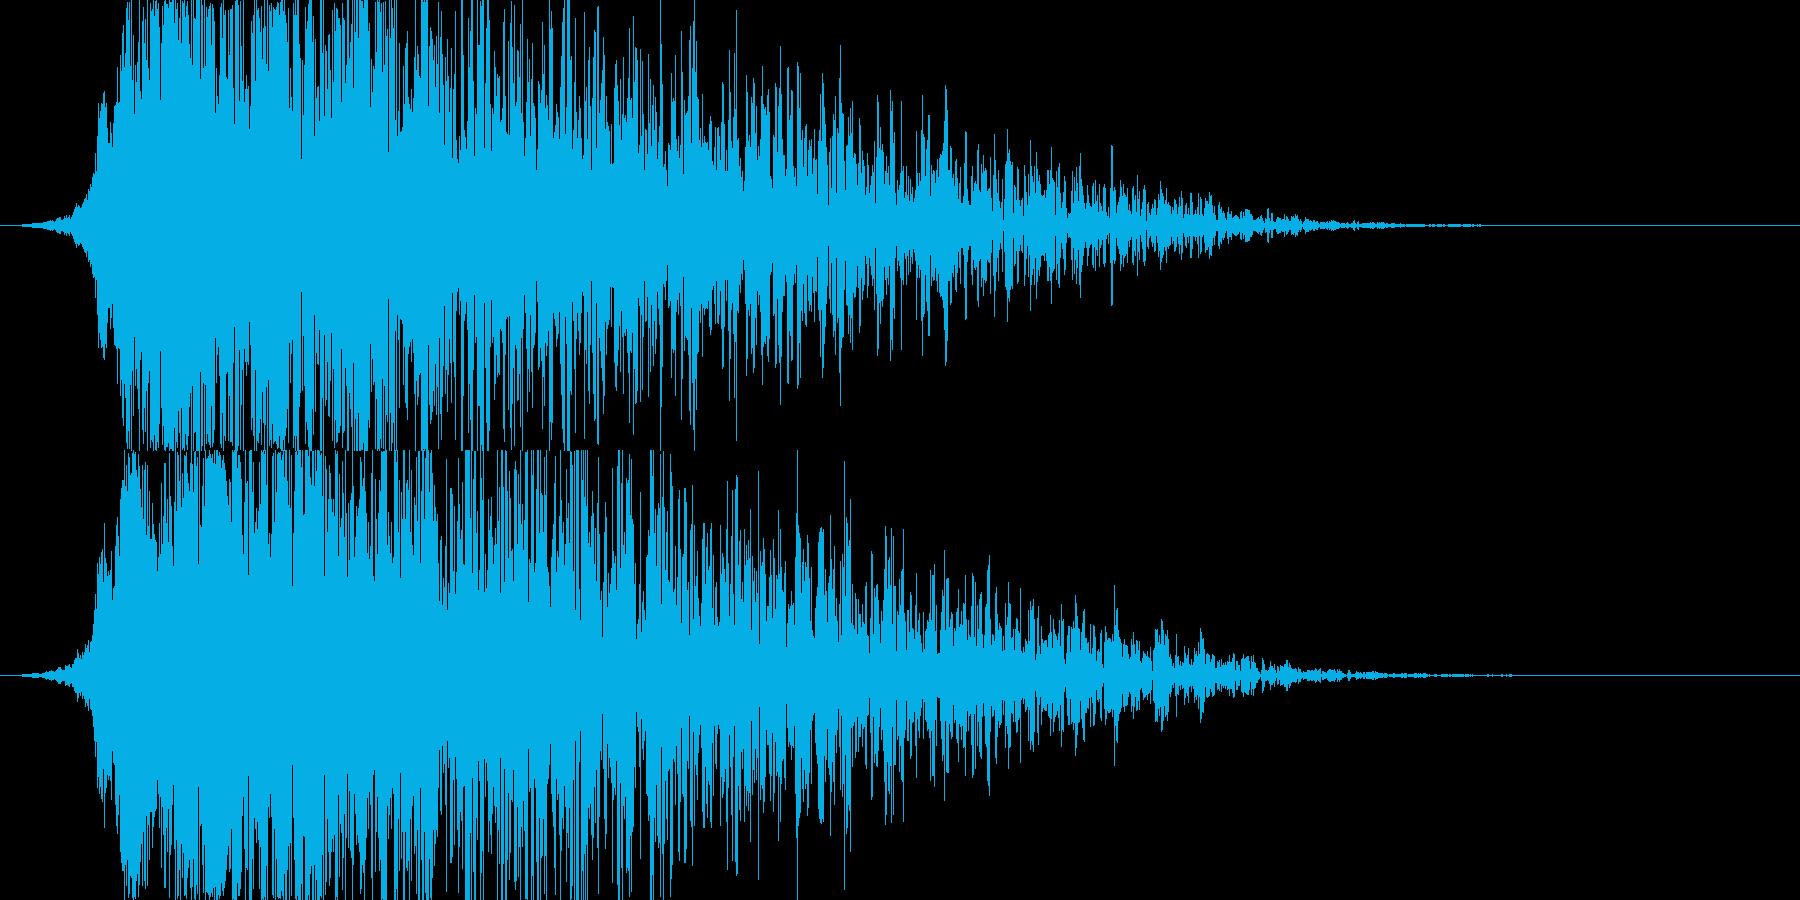 シャキーン!地震や爆発系の演出/魔法05の再生済みの波形